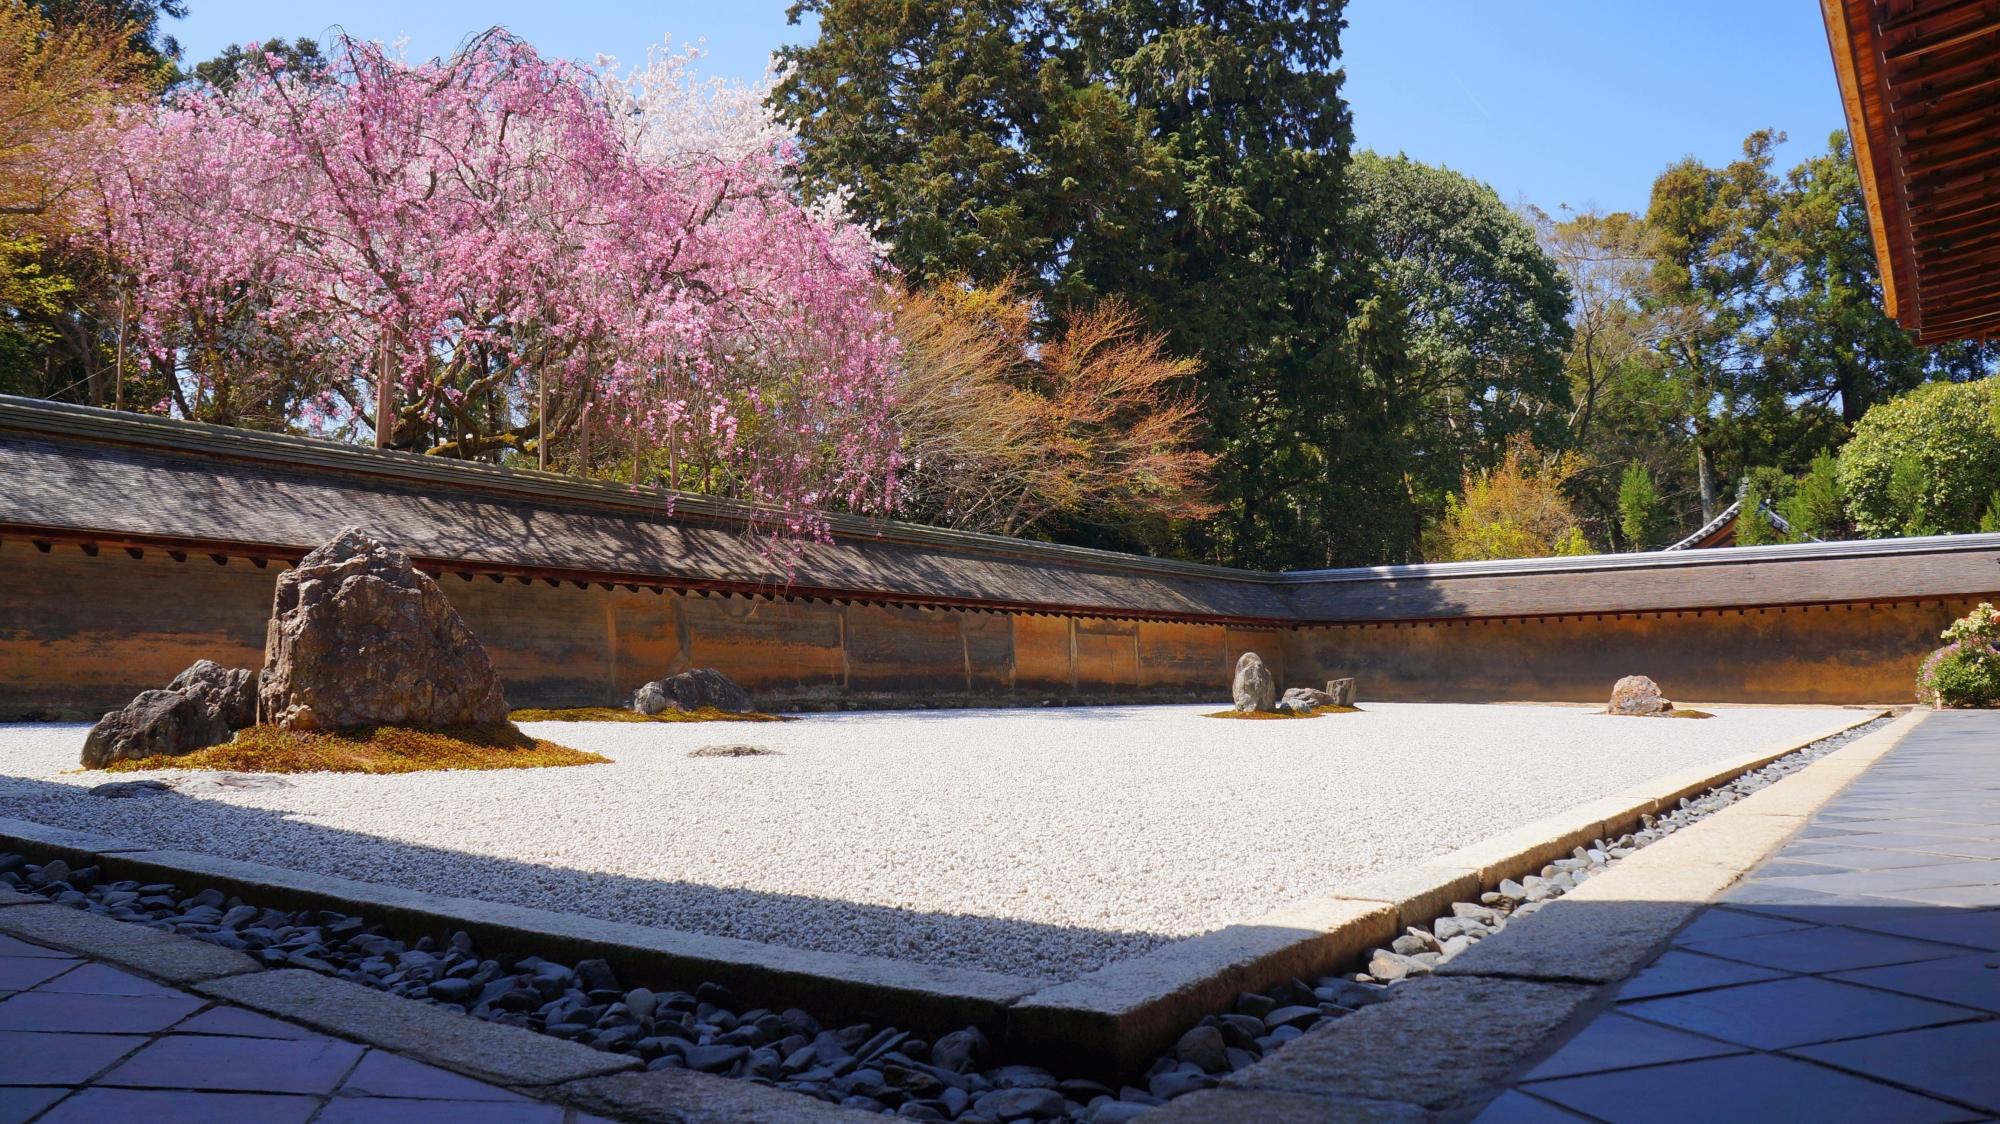 有名な龍安寺の石庭と桜